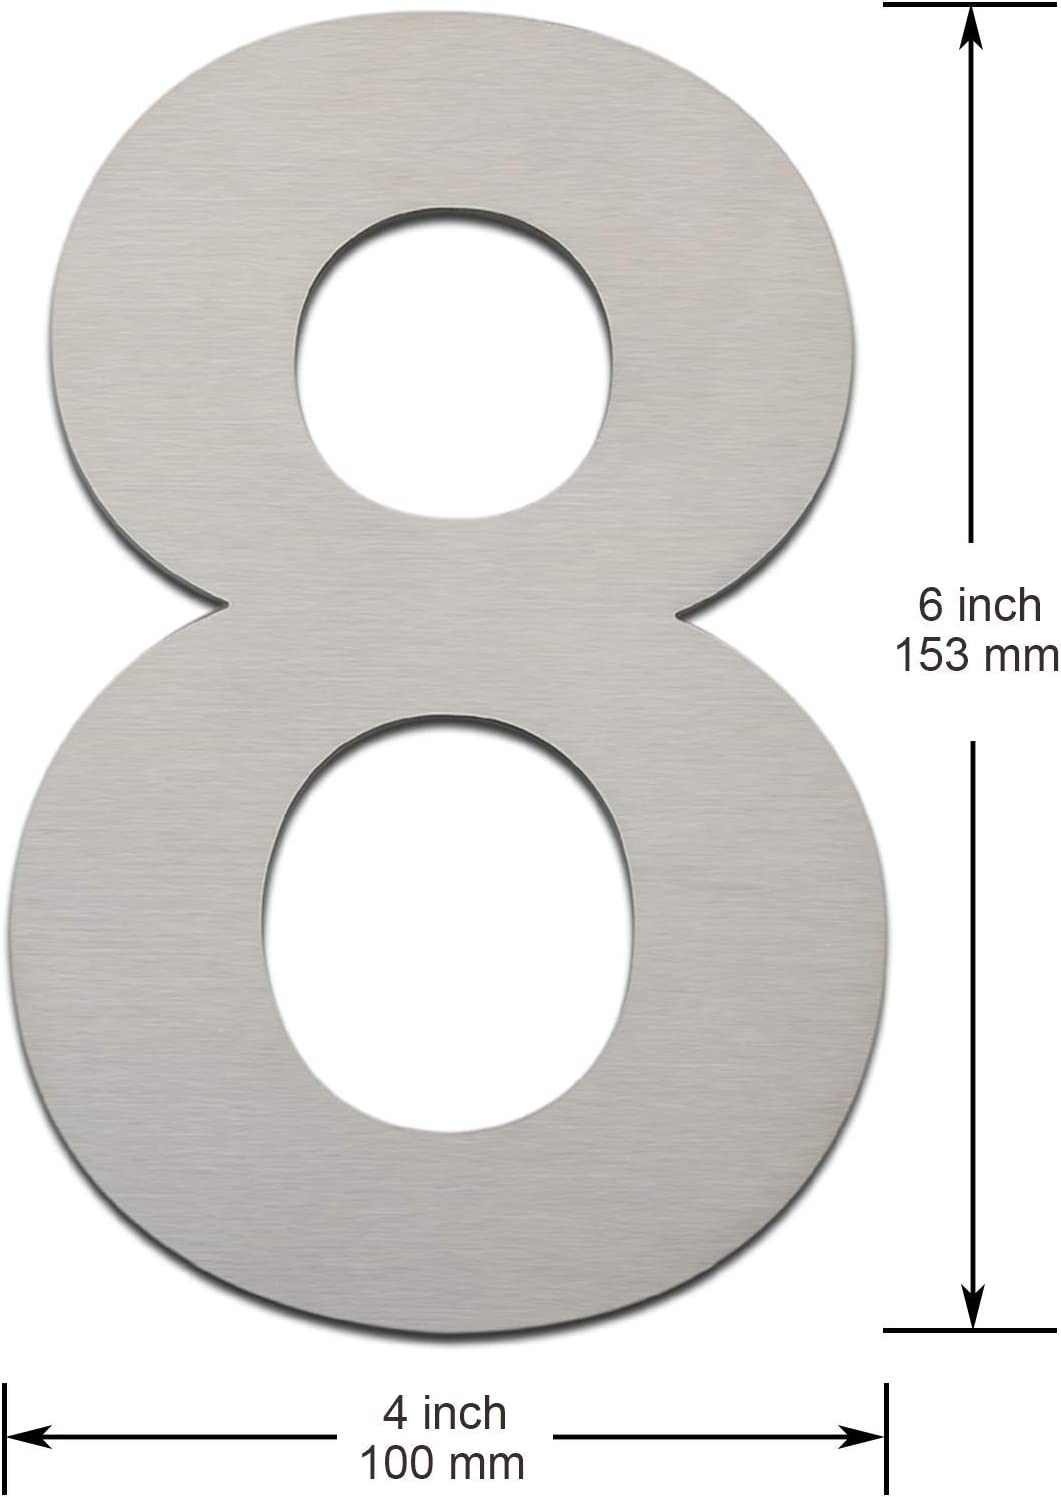 geb/ürstet aus massivem 304 Edelstahl modern Nr. 0 152 mm hoch schwebende Optik und einfache Montage Hausnummer Letter a